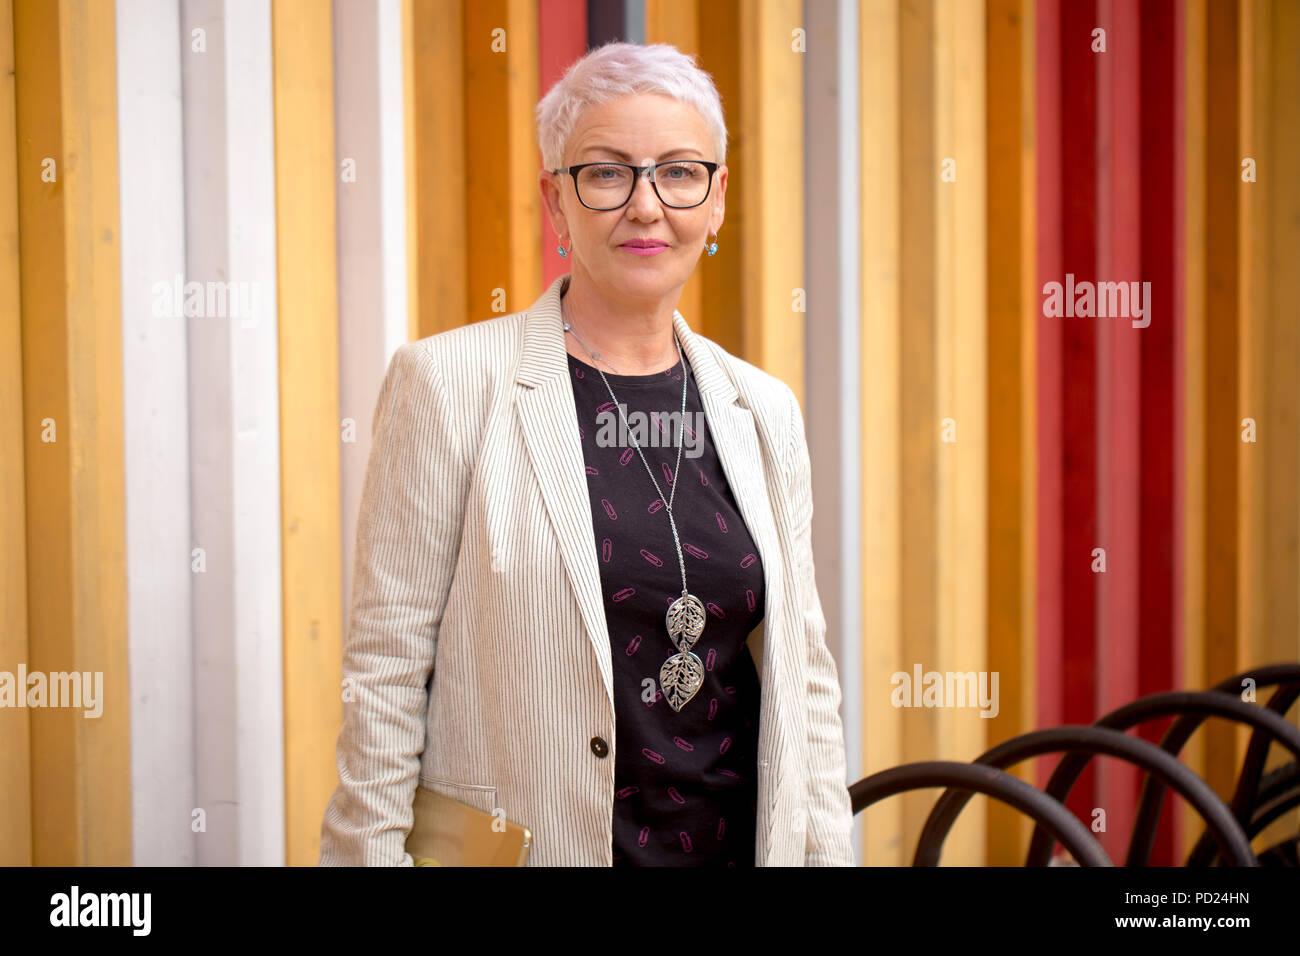 Eine schöne talentierte Business woman steht vor dem builid von Unternehmen Stockbild